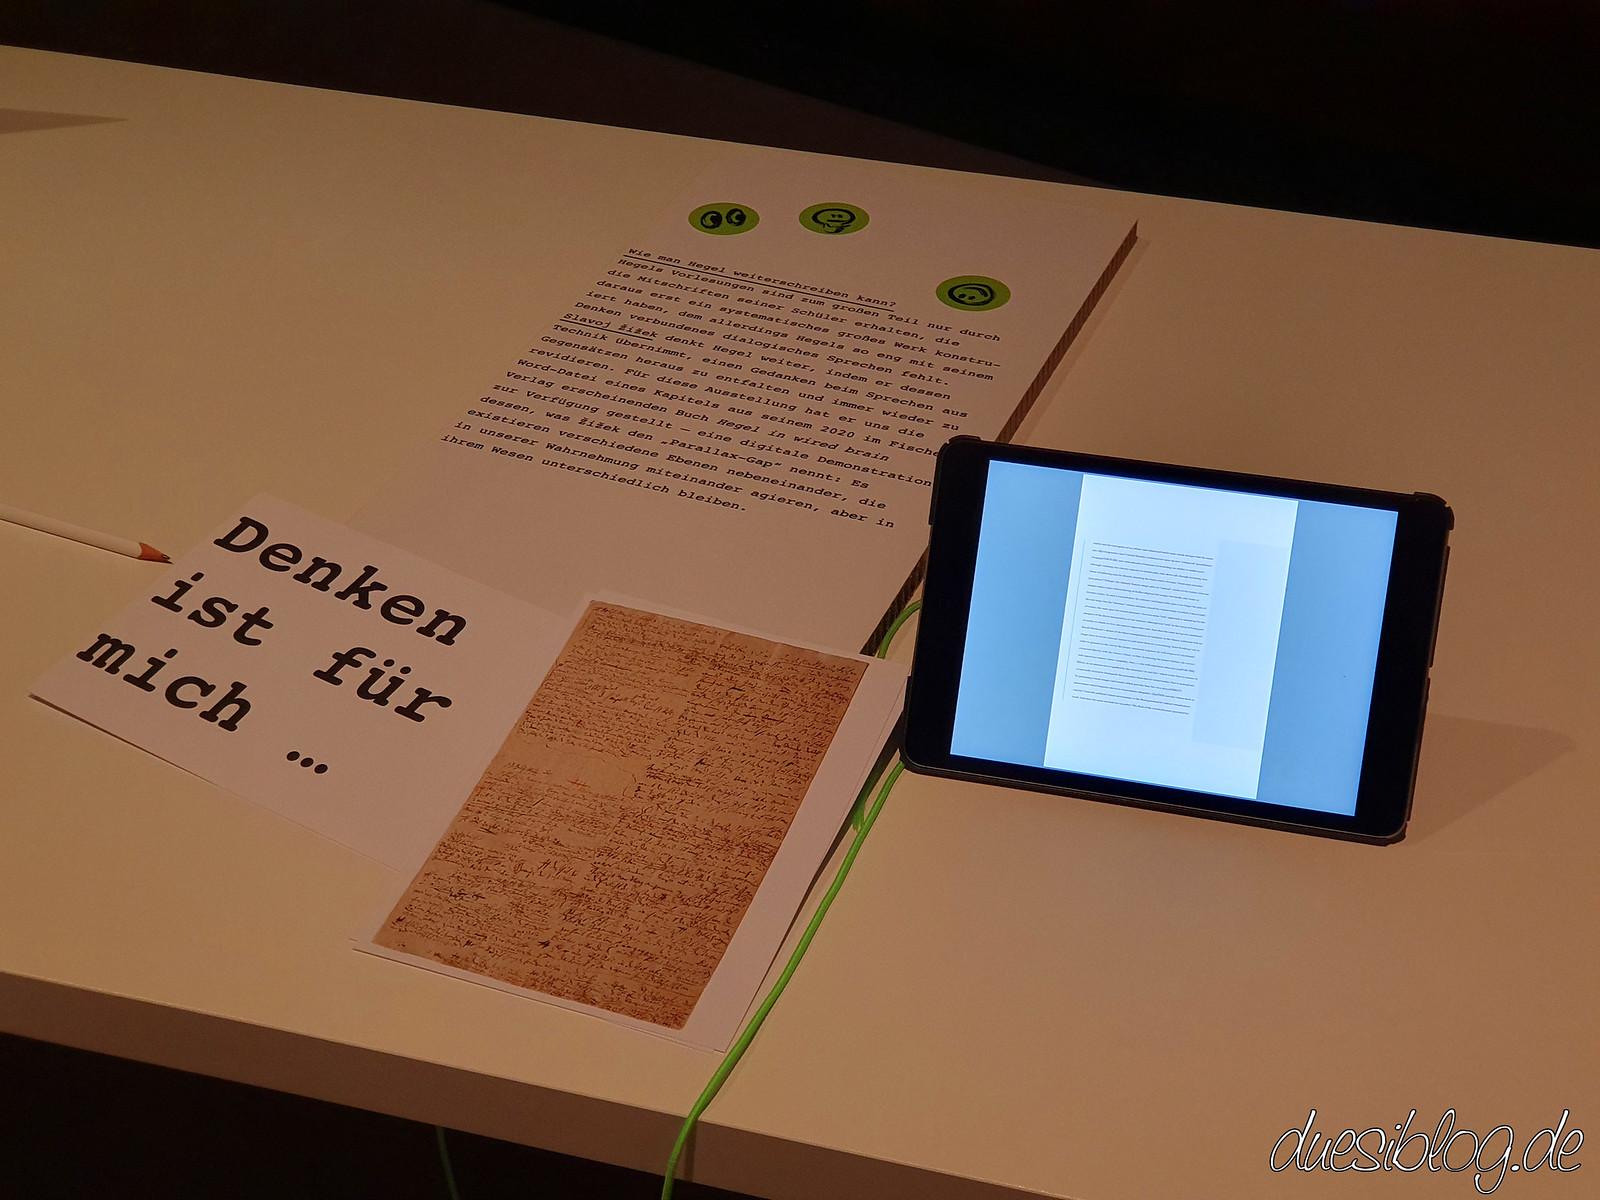 Schiller-Nationalmuseum Literaturmuseum der Moderne Marbach duesiblog 20